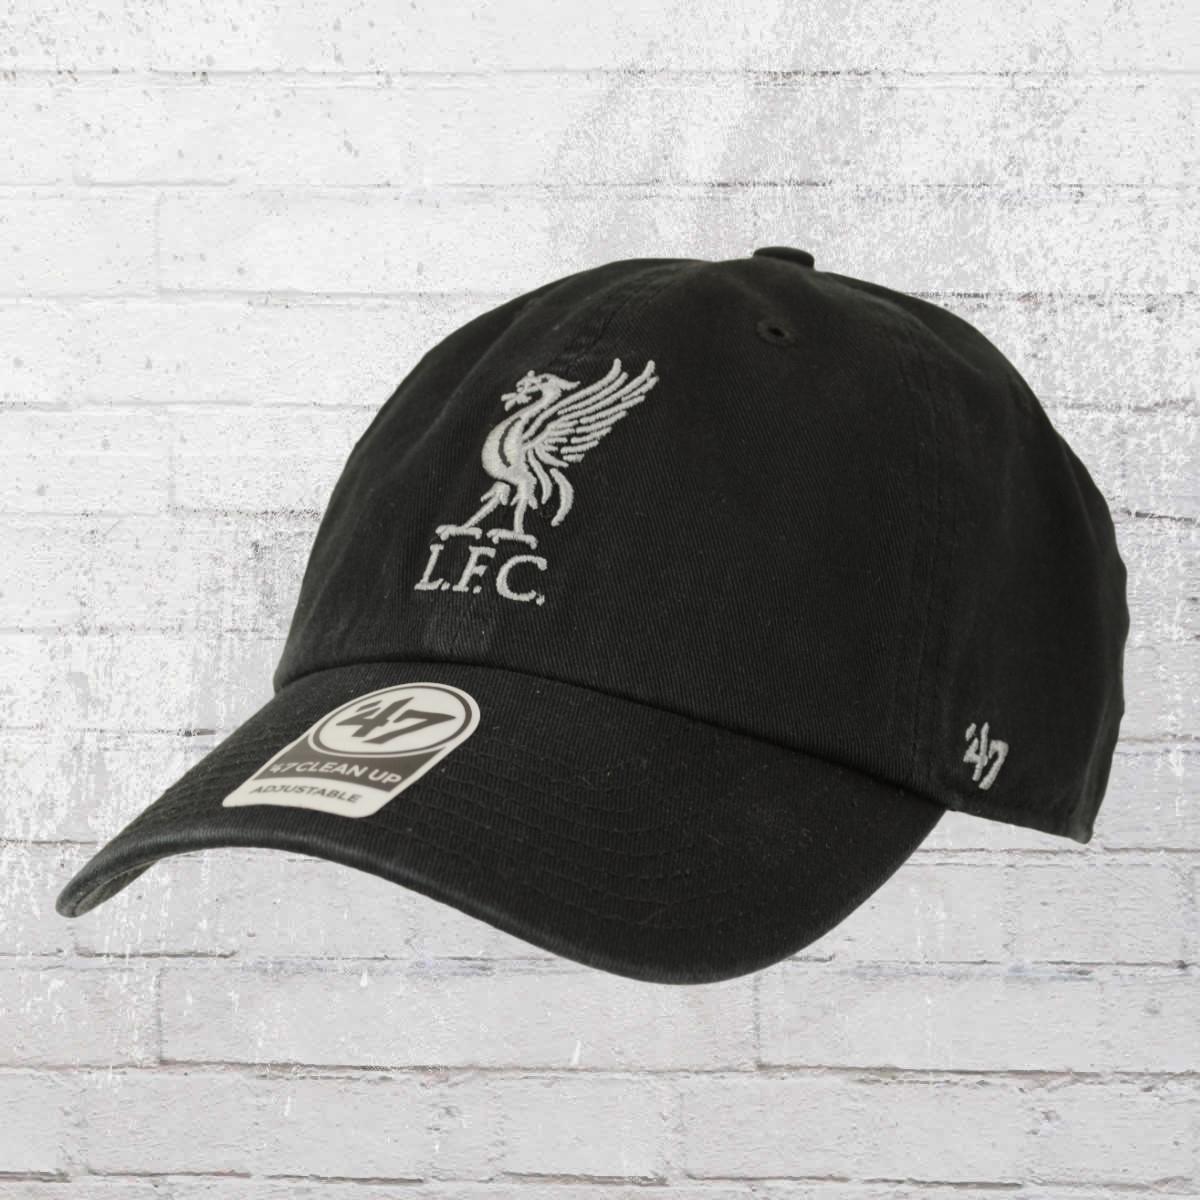 47 Brands Fussball Cap Liverpool FC Mütze schwarz